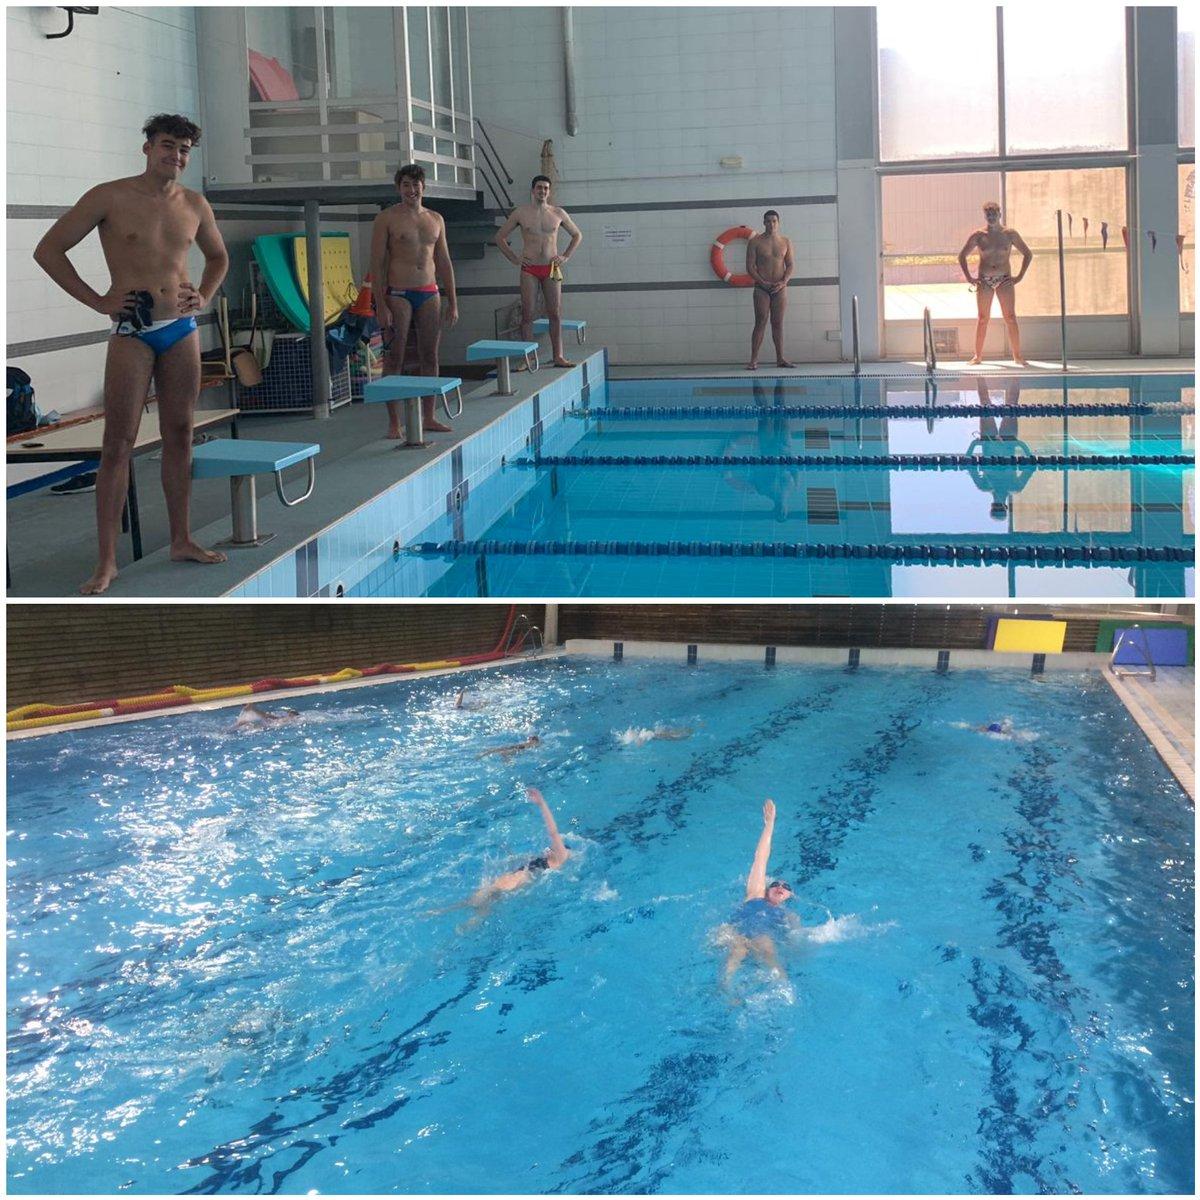 I també tenim alguns dels nois i les noies becades de la FCN de #waterpolo 🤽♀️ 🤽♂️ entrenant al @CARSantCugat i a la Blume  #moltcontents 👏🏼👏🏼👏🏼 https://t.co/6OPSRhYApD